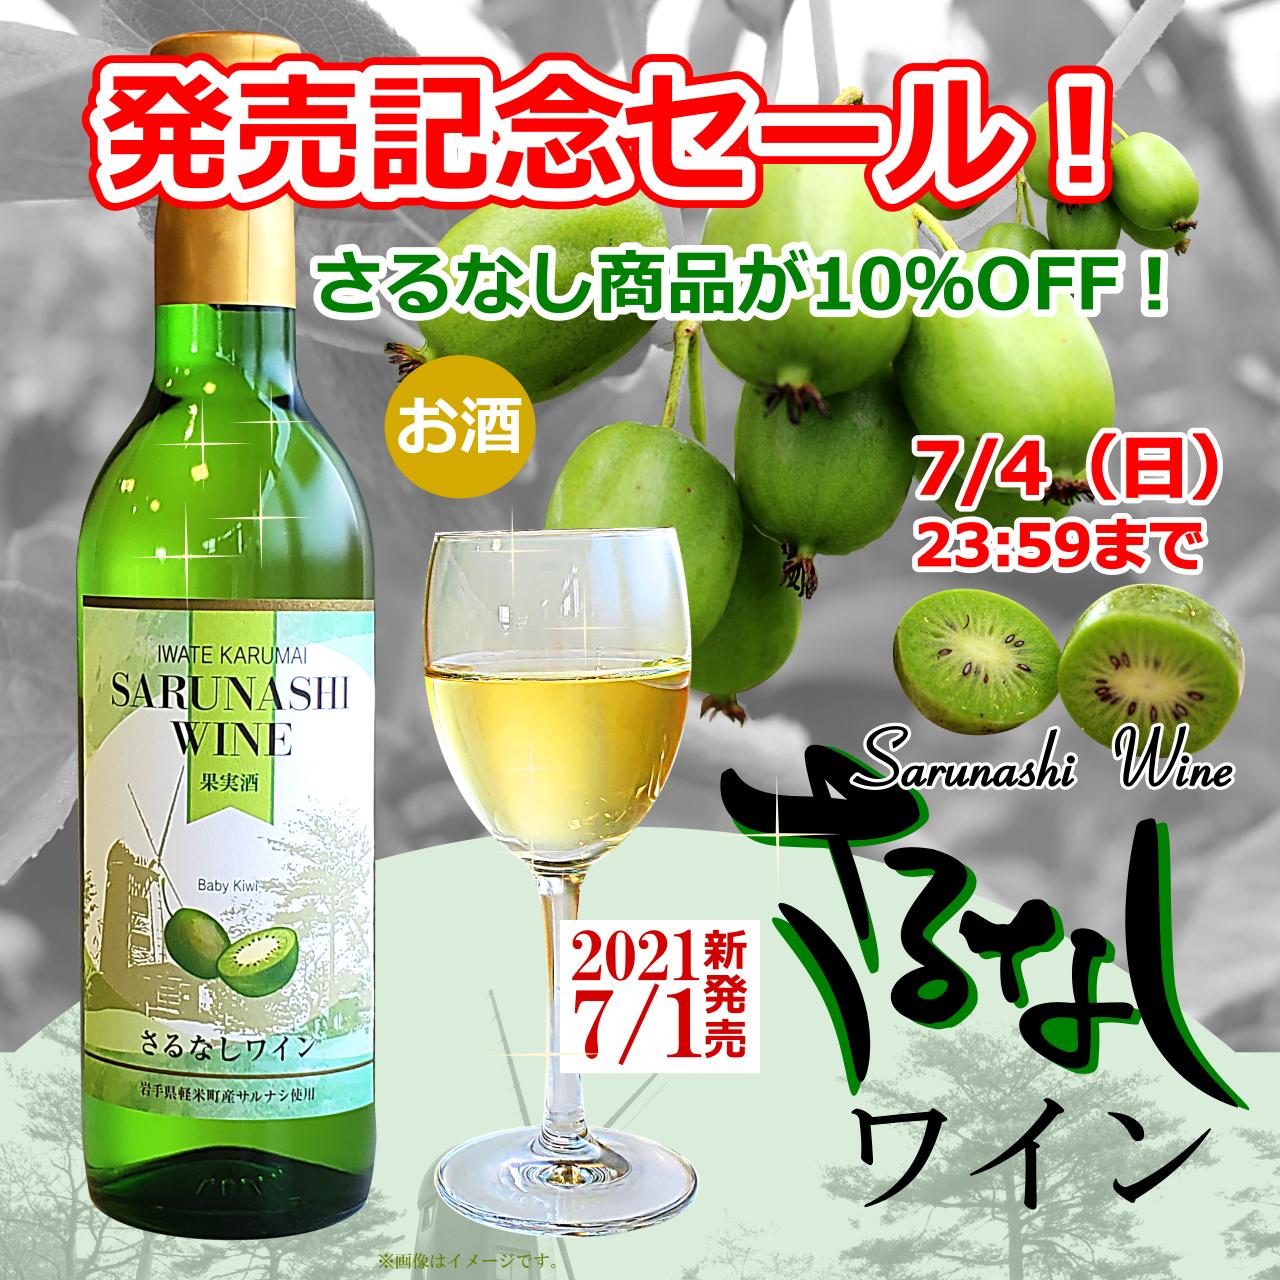 さるなし商品がお得! さるなしワイン発売記念セール!!